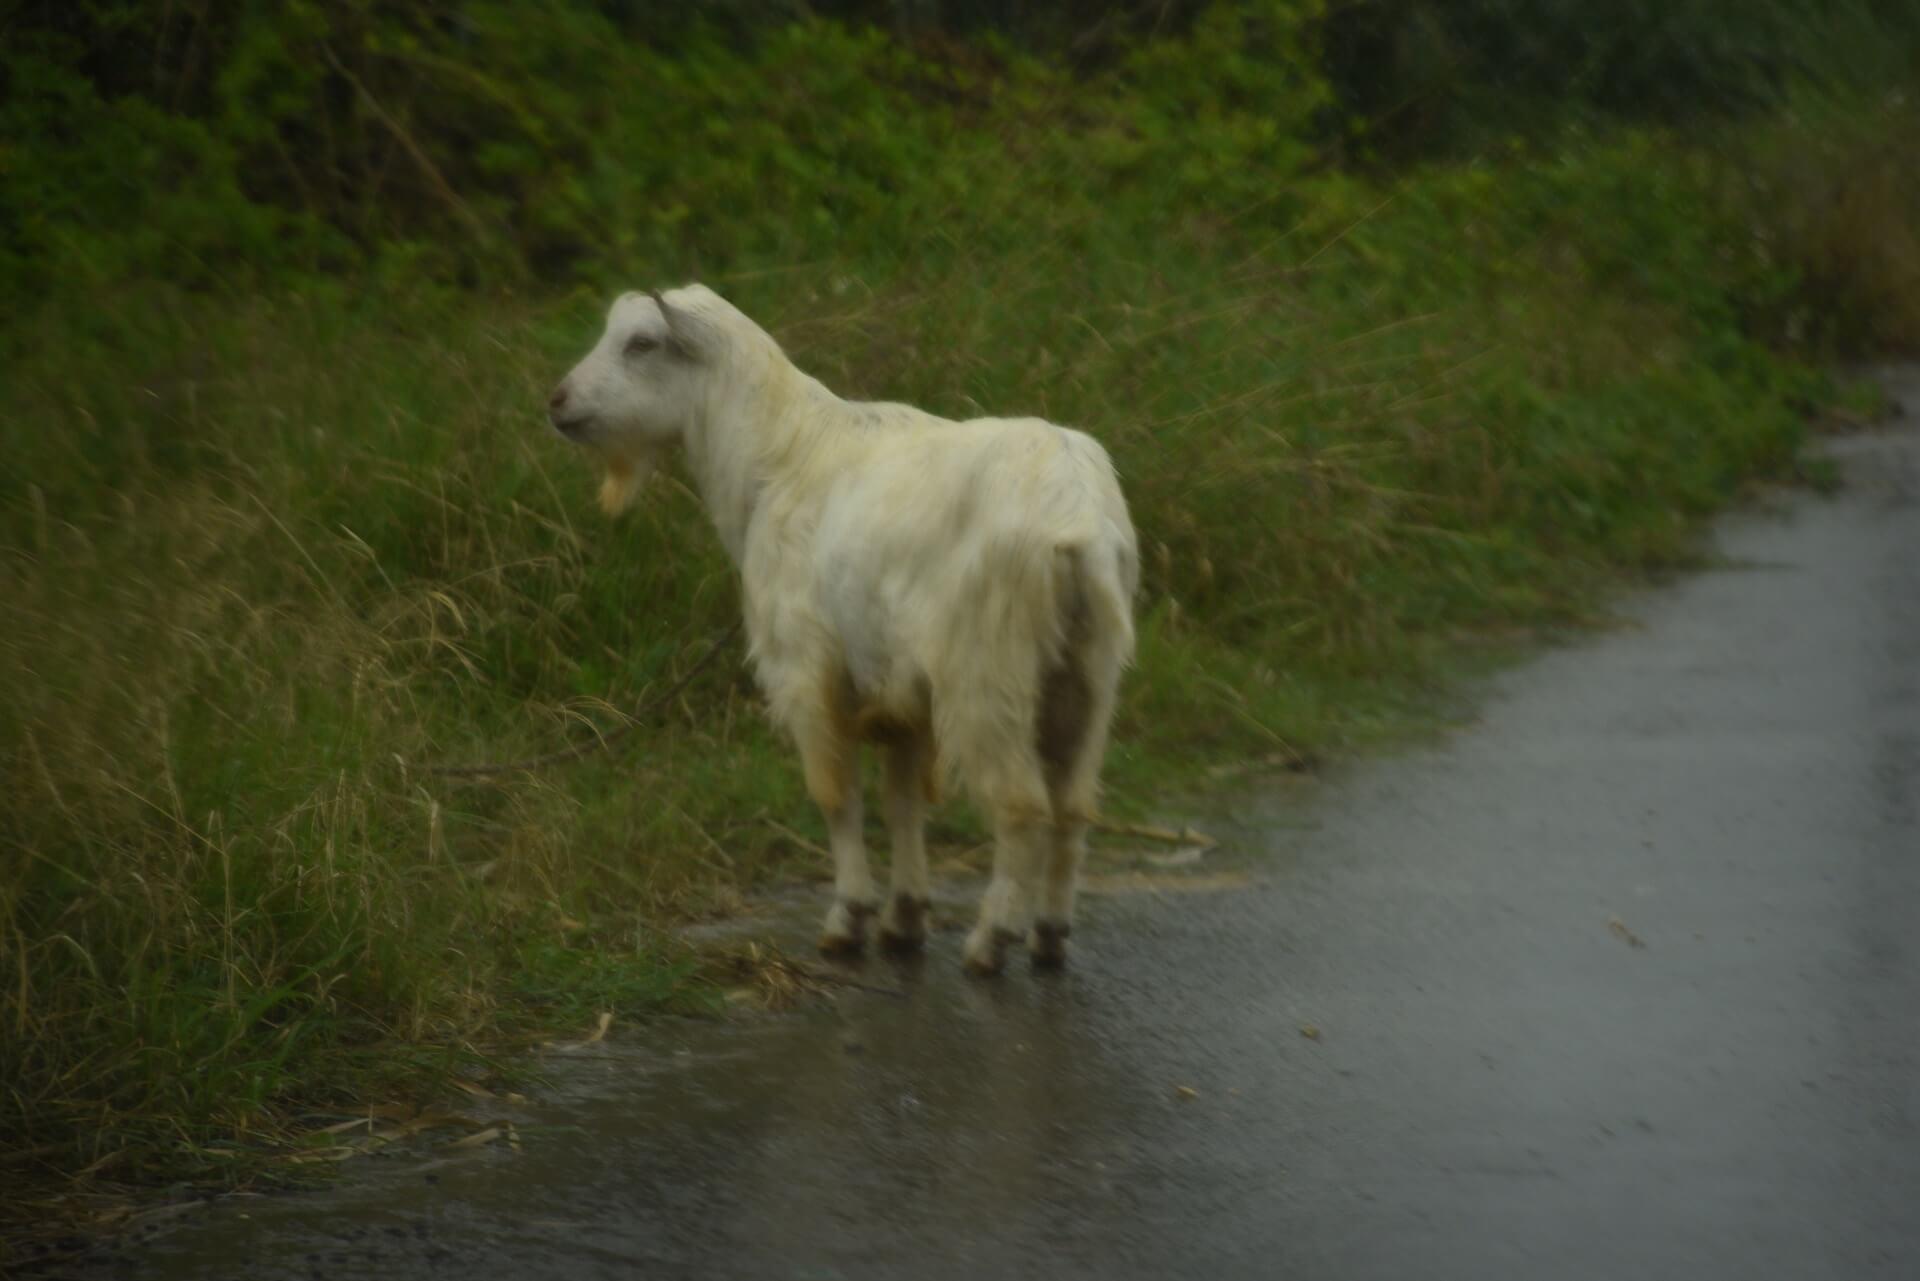 スコールでずぶ濡れになっている野生のヤギ(山羊)